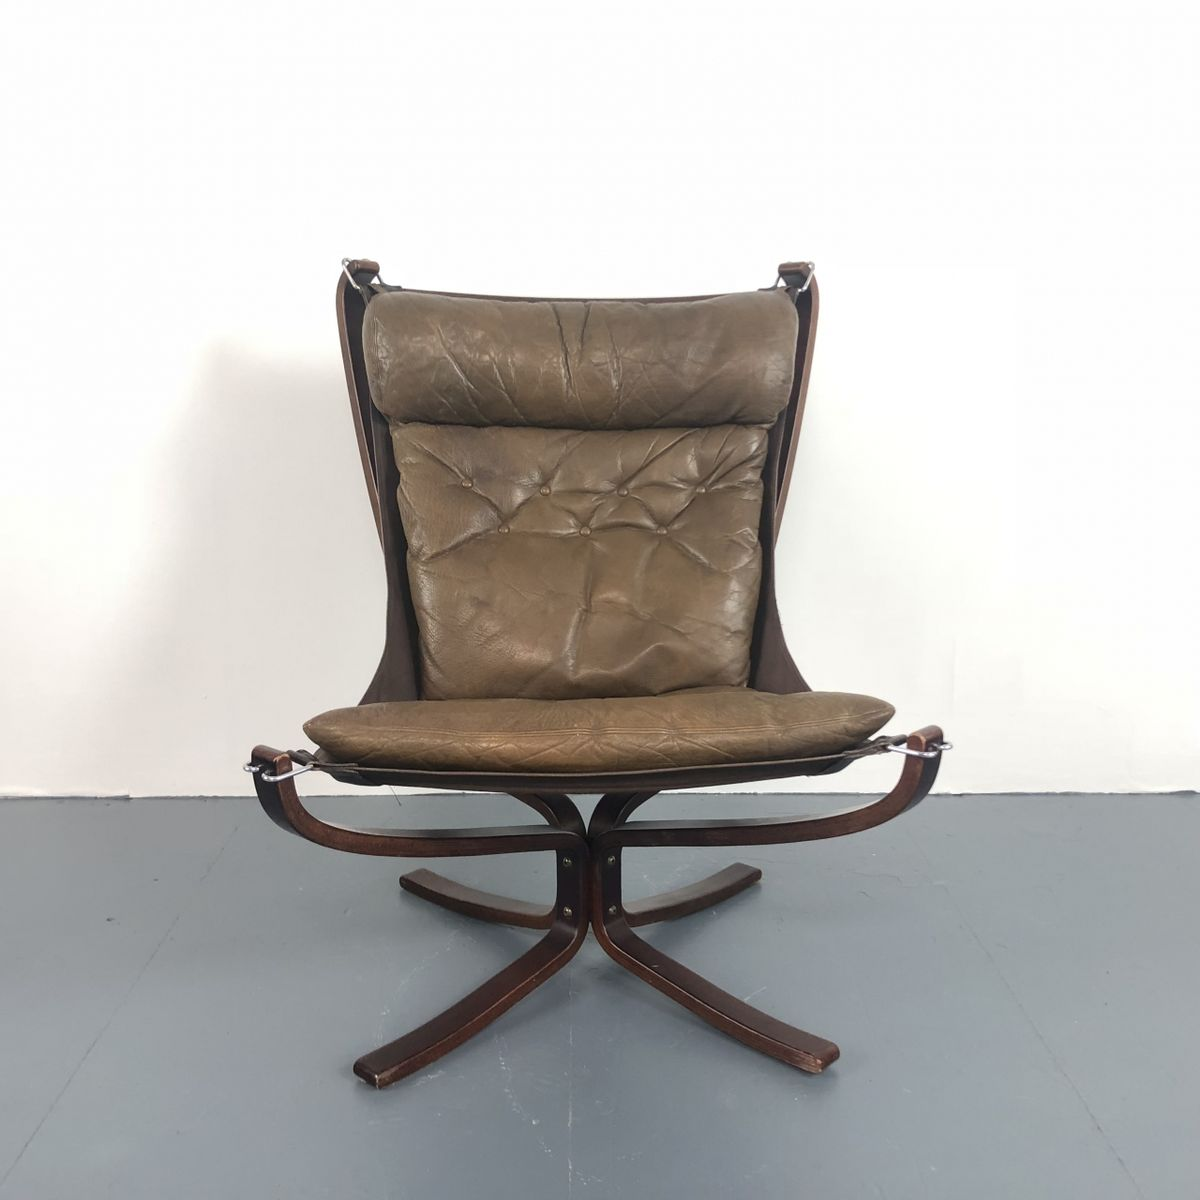 Brauner Vintage Falcon Chair mit hoher Rücklehne von Sigurd Resell